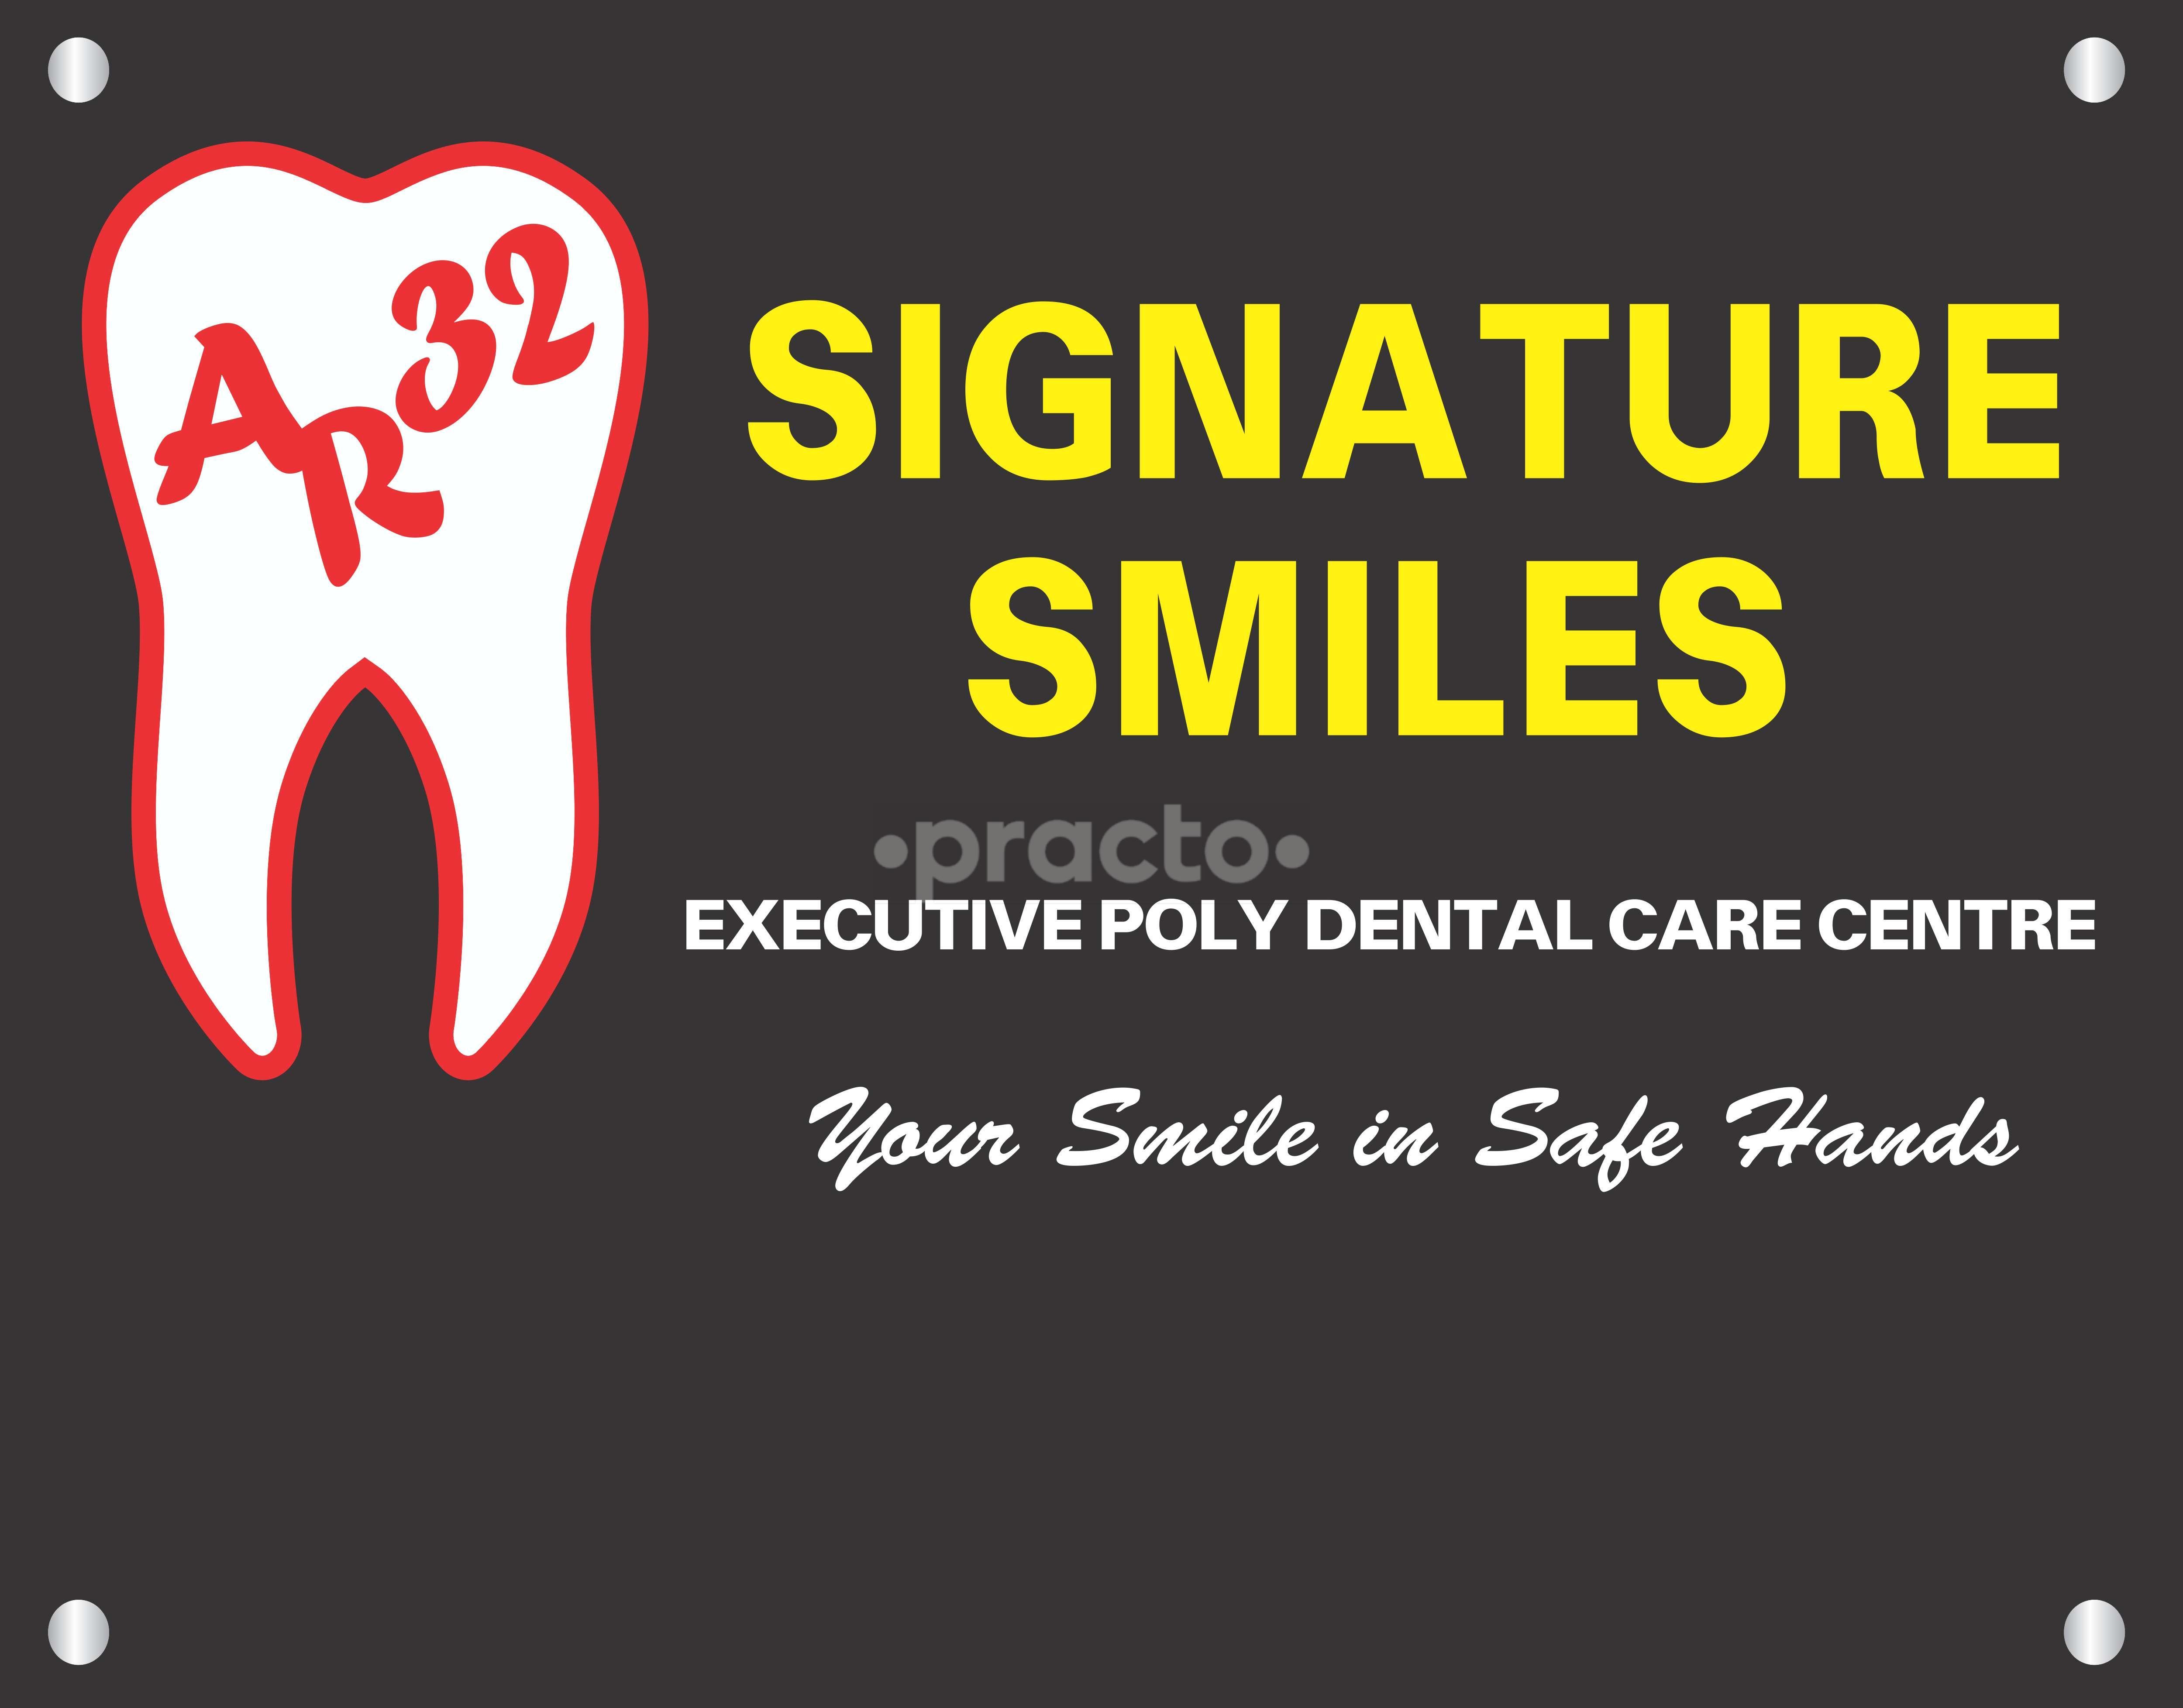 AR 32 Signature Smiles Executive Poly Dental Care Centre